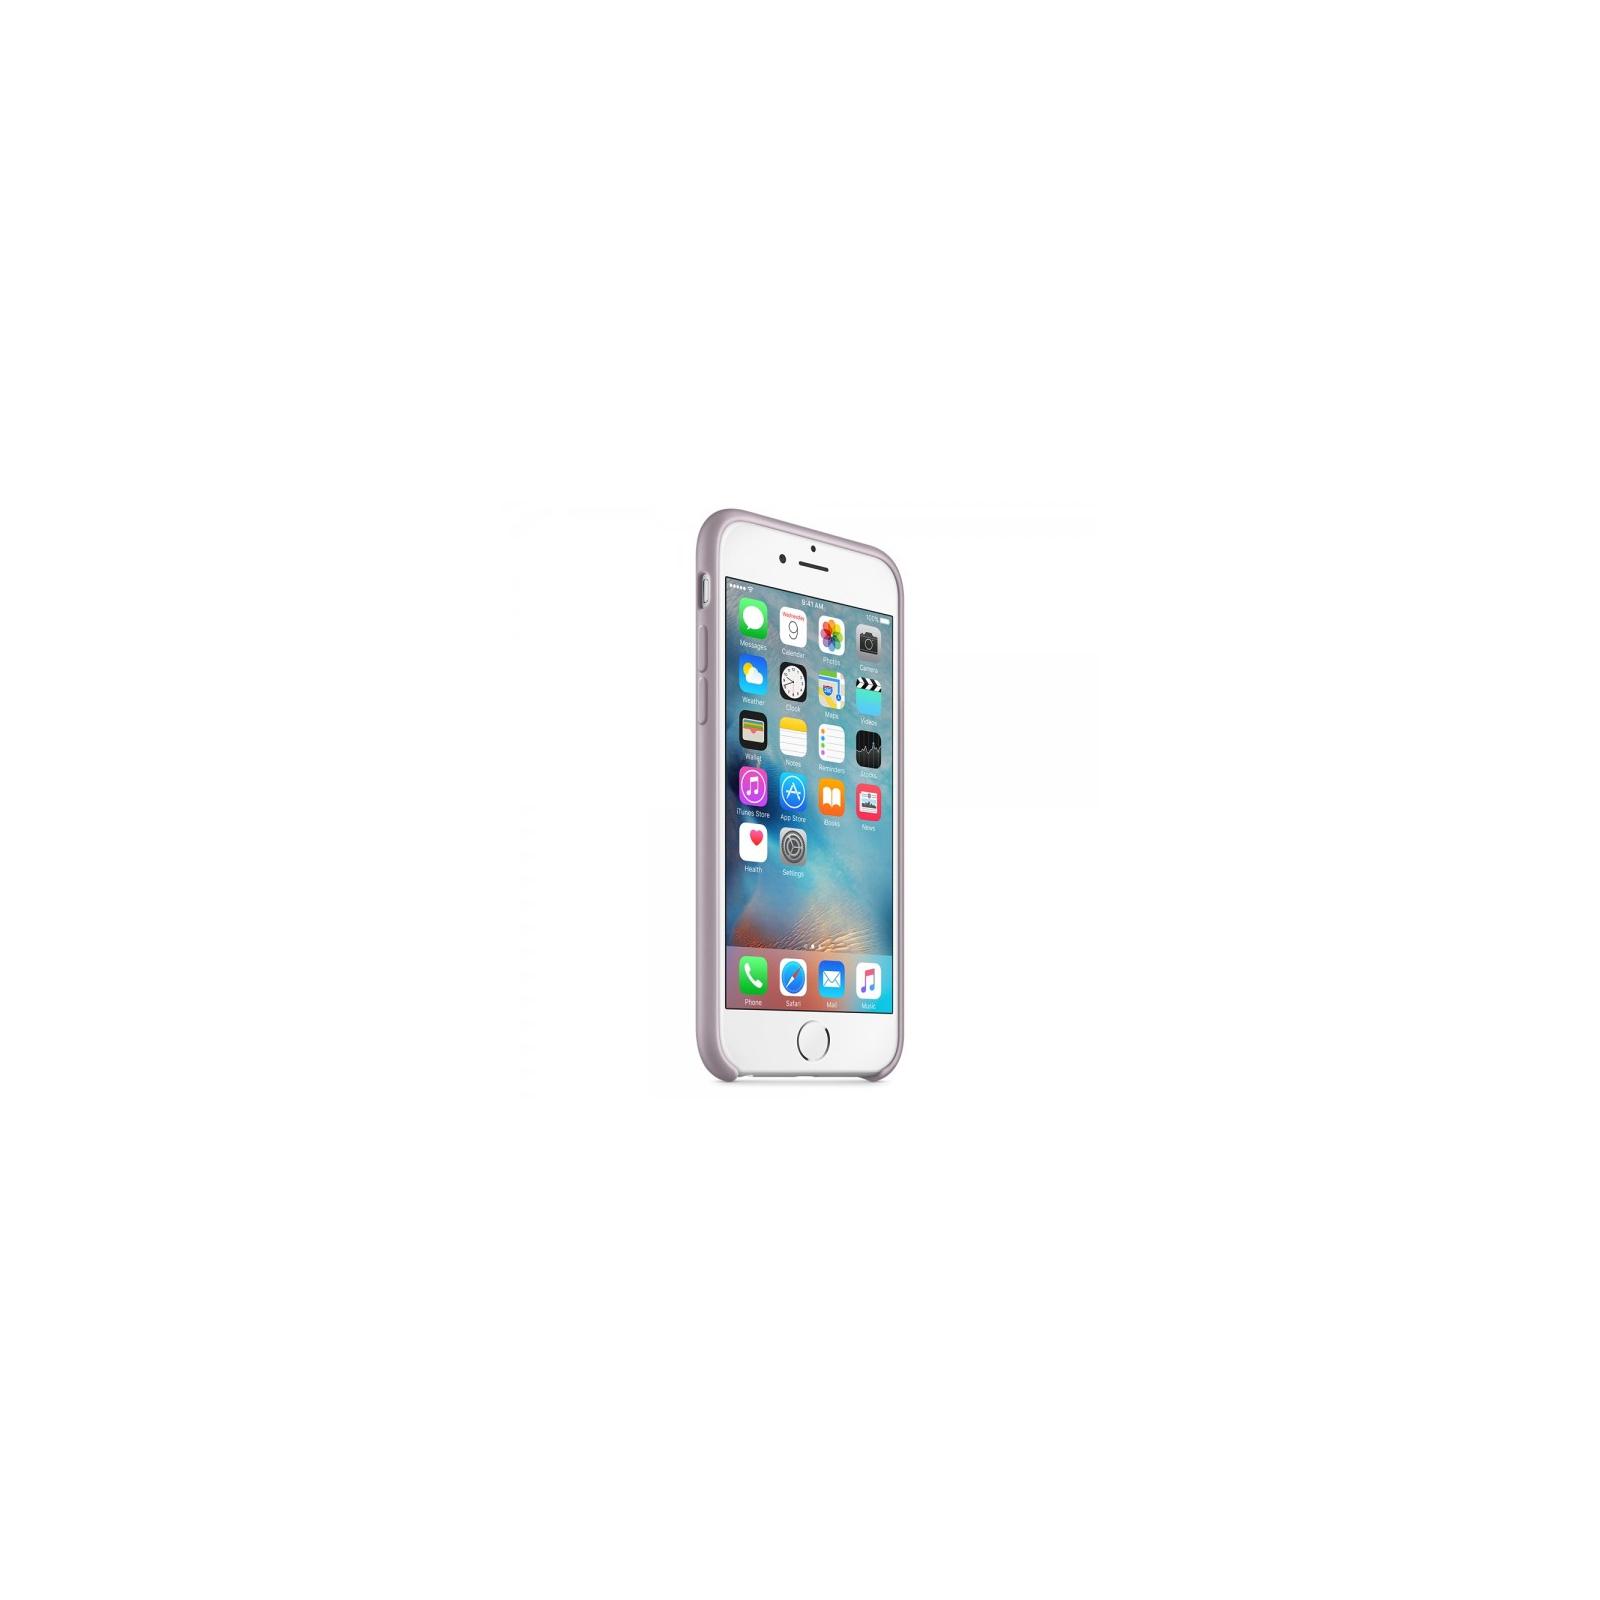 Чехол для моб. телефона Apple для iPhone 6/6s Lavender (MLCV2ZM/A) изображение 3